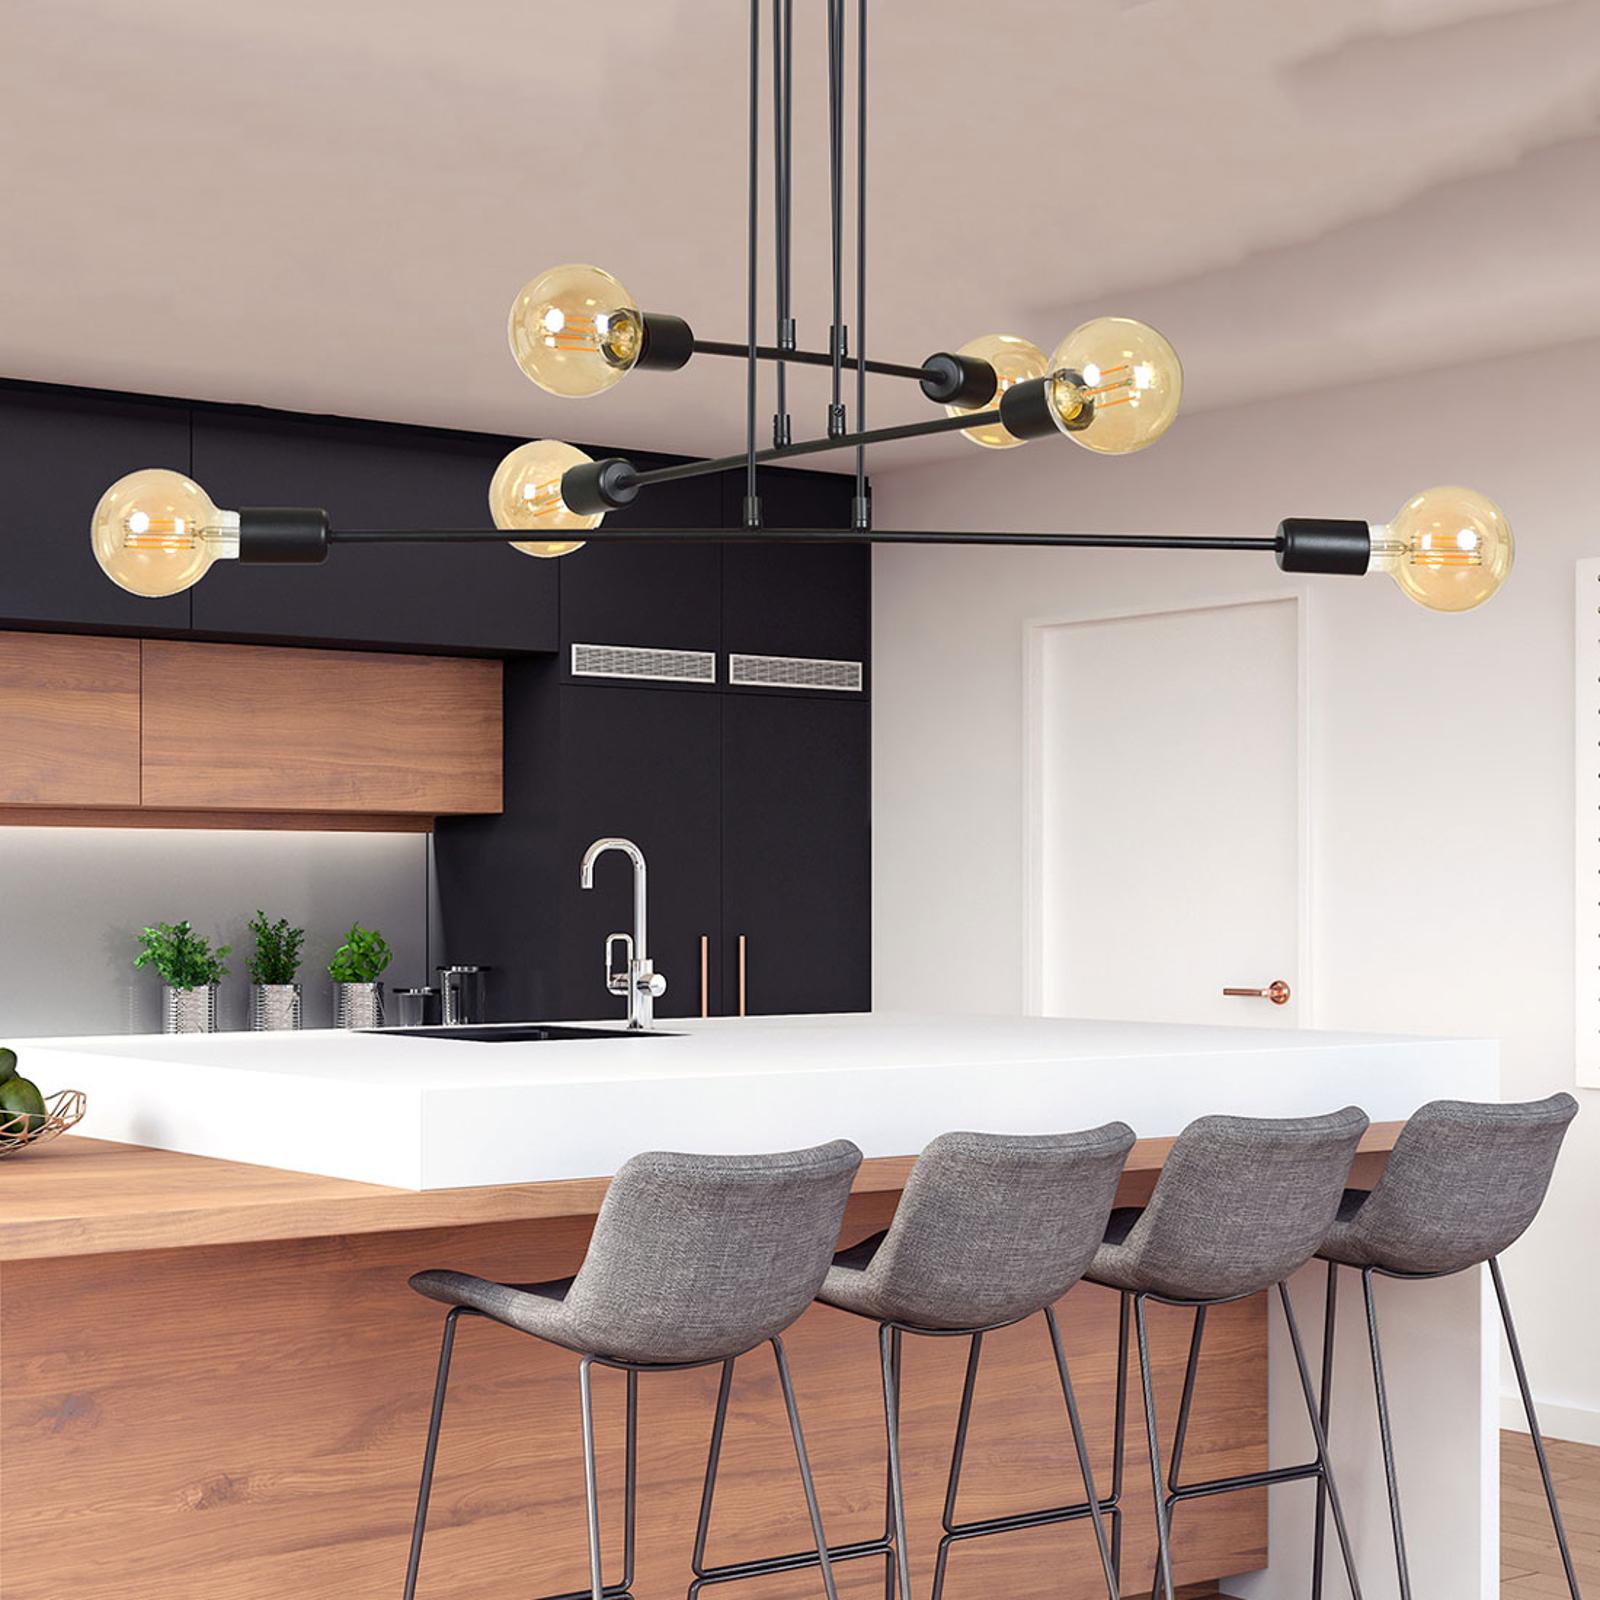 Hanglamp Multipo 6, 6-lamps in zwart